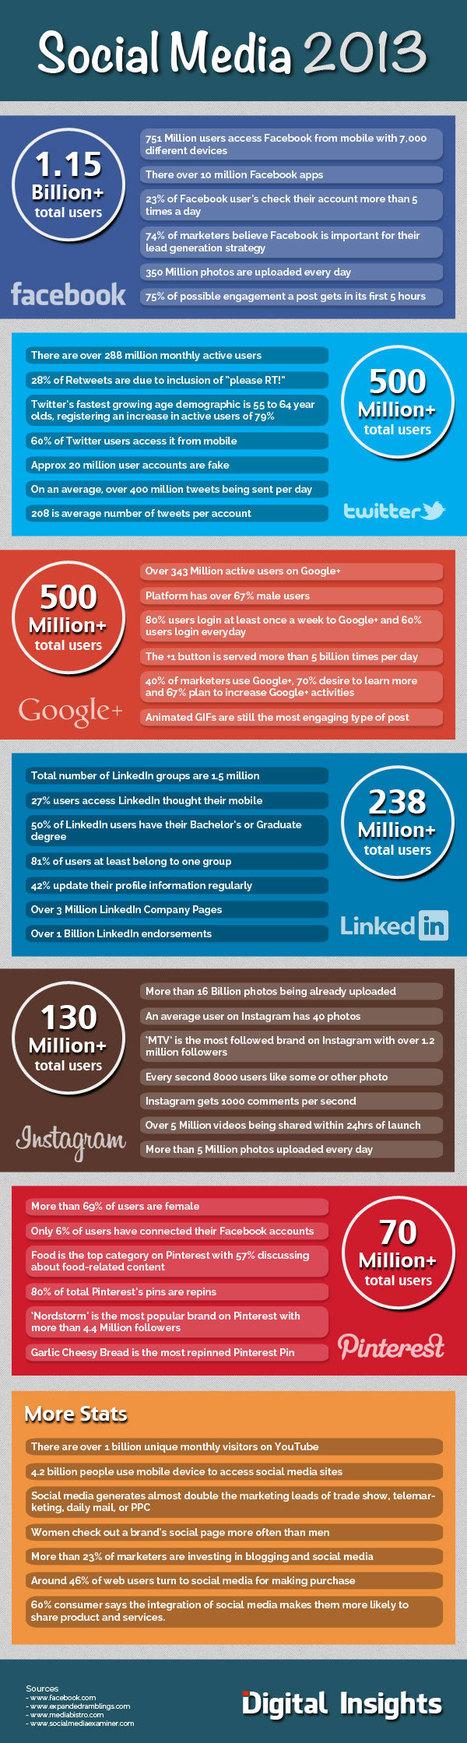 Les réseaux sociaux en chiffres en 2013 [Infographie] | Era Digital - um olhar ciberantropológico | Scoop.it